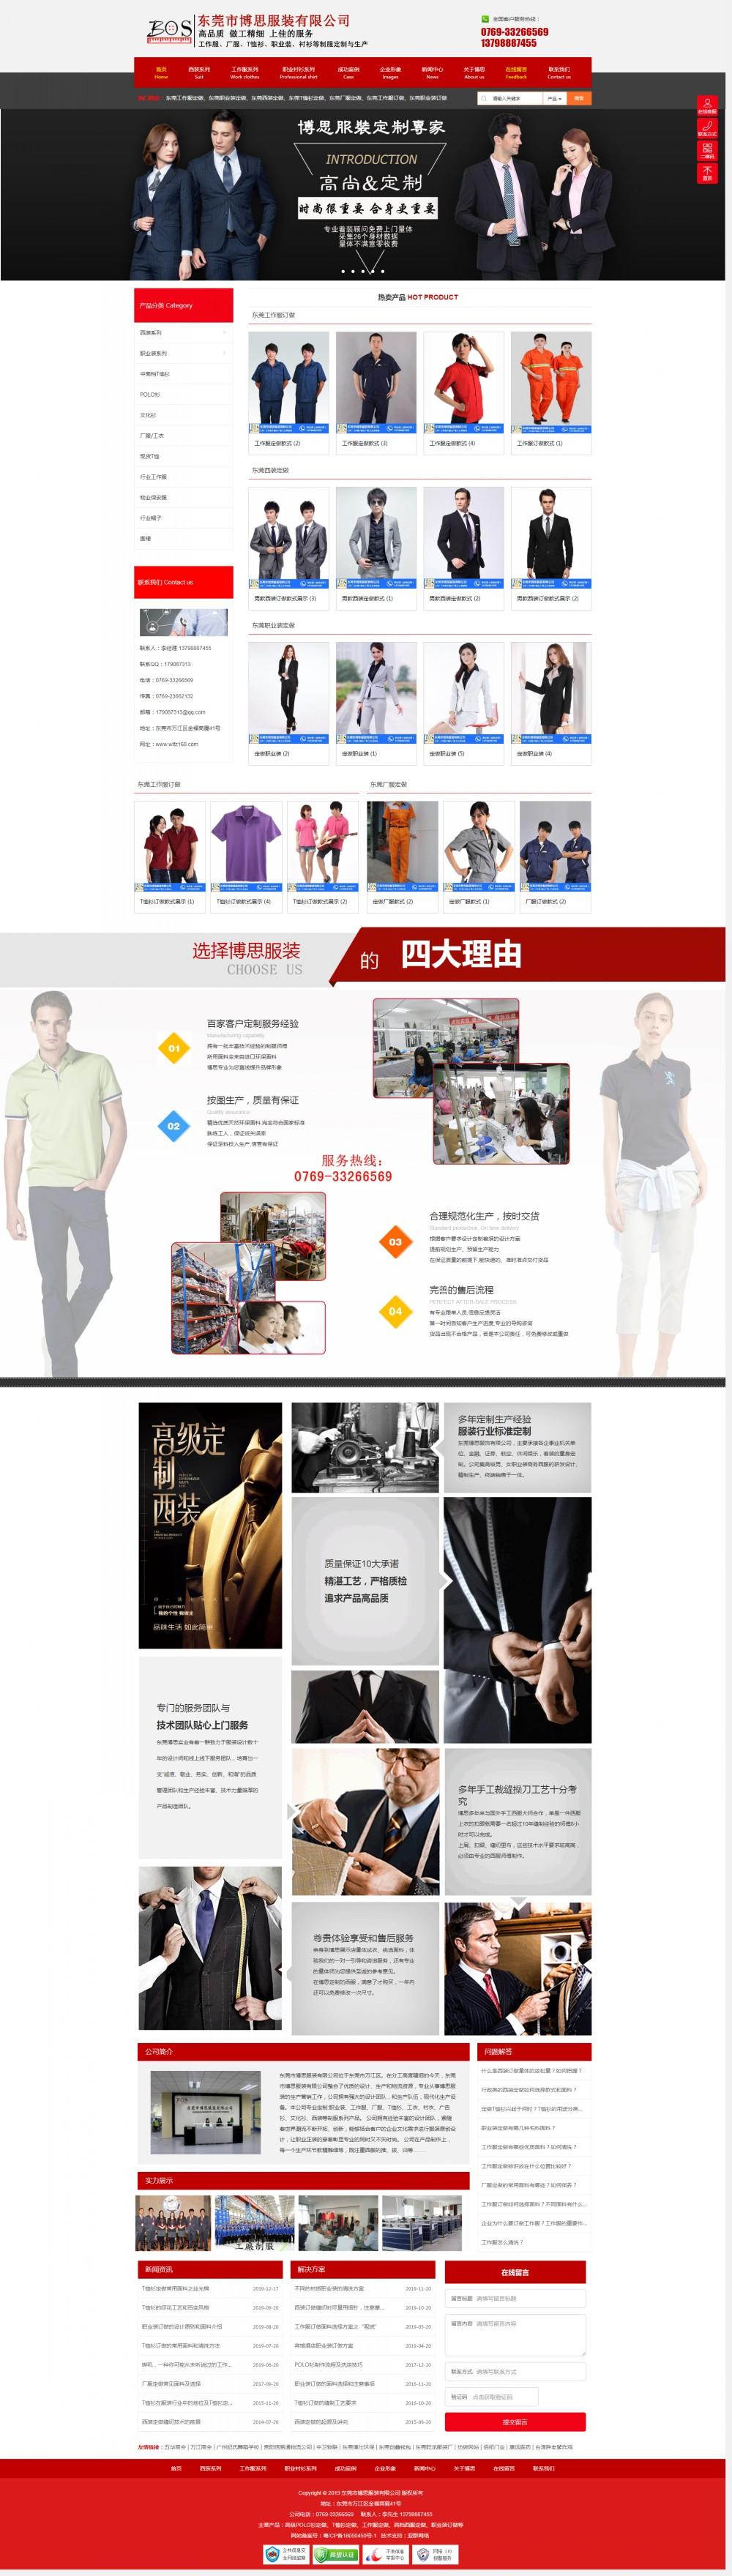 服装厂制衣厂网站建设案例